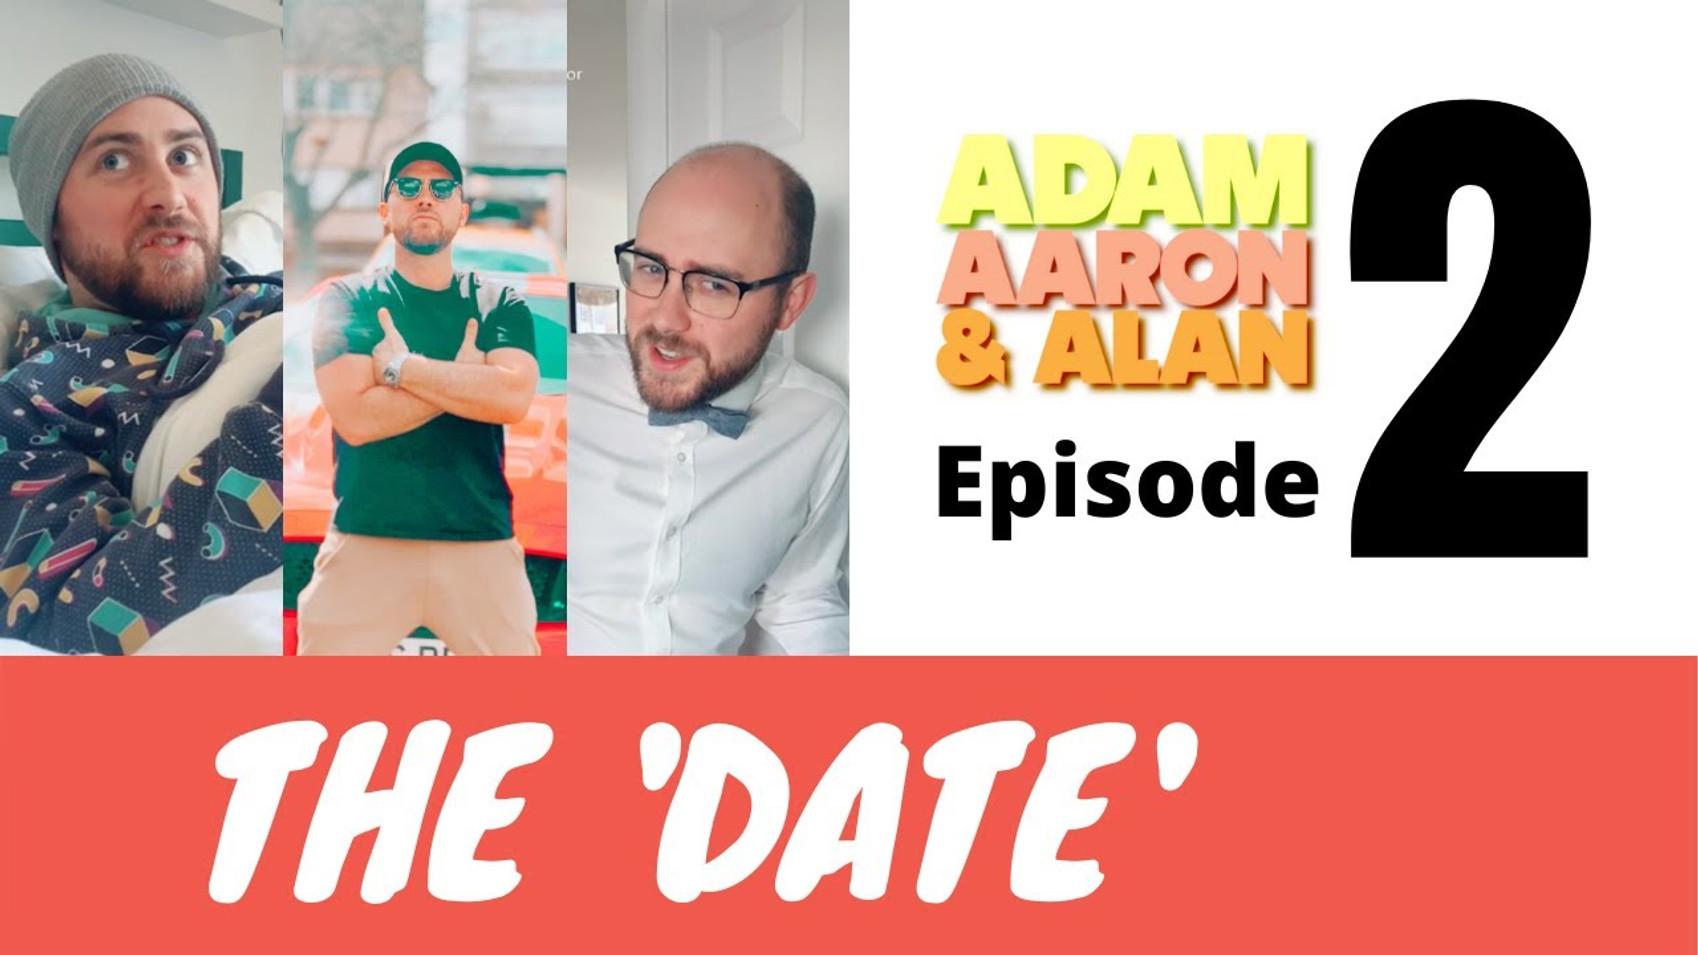 Adam, Aaron & Alan Ep.2 - The 'Date'